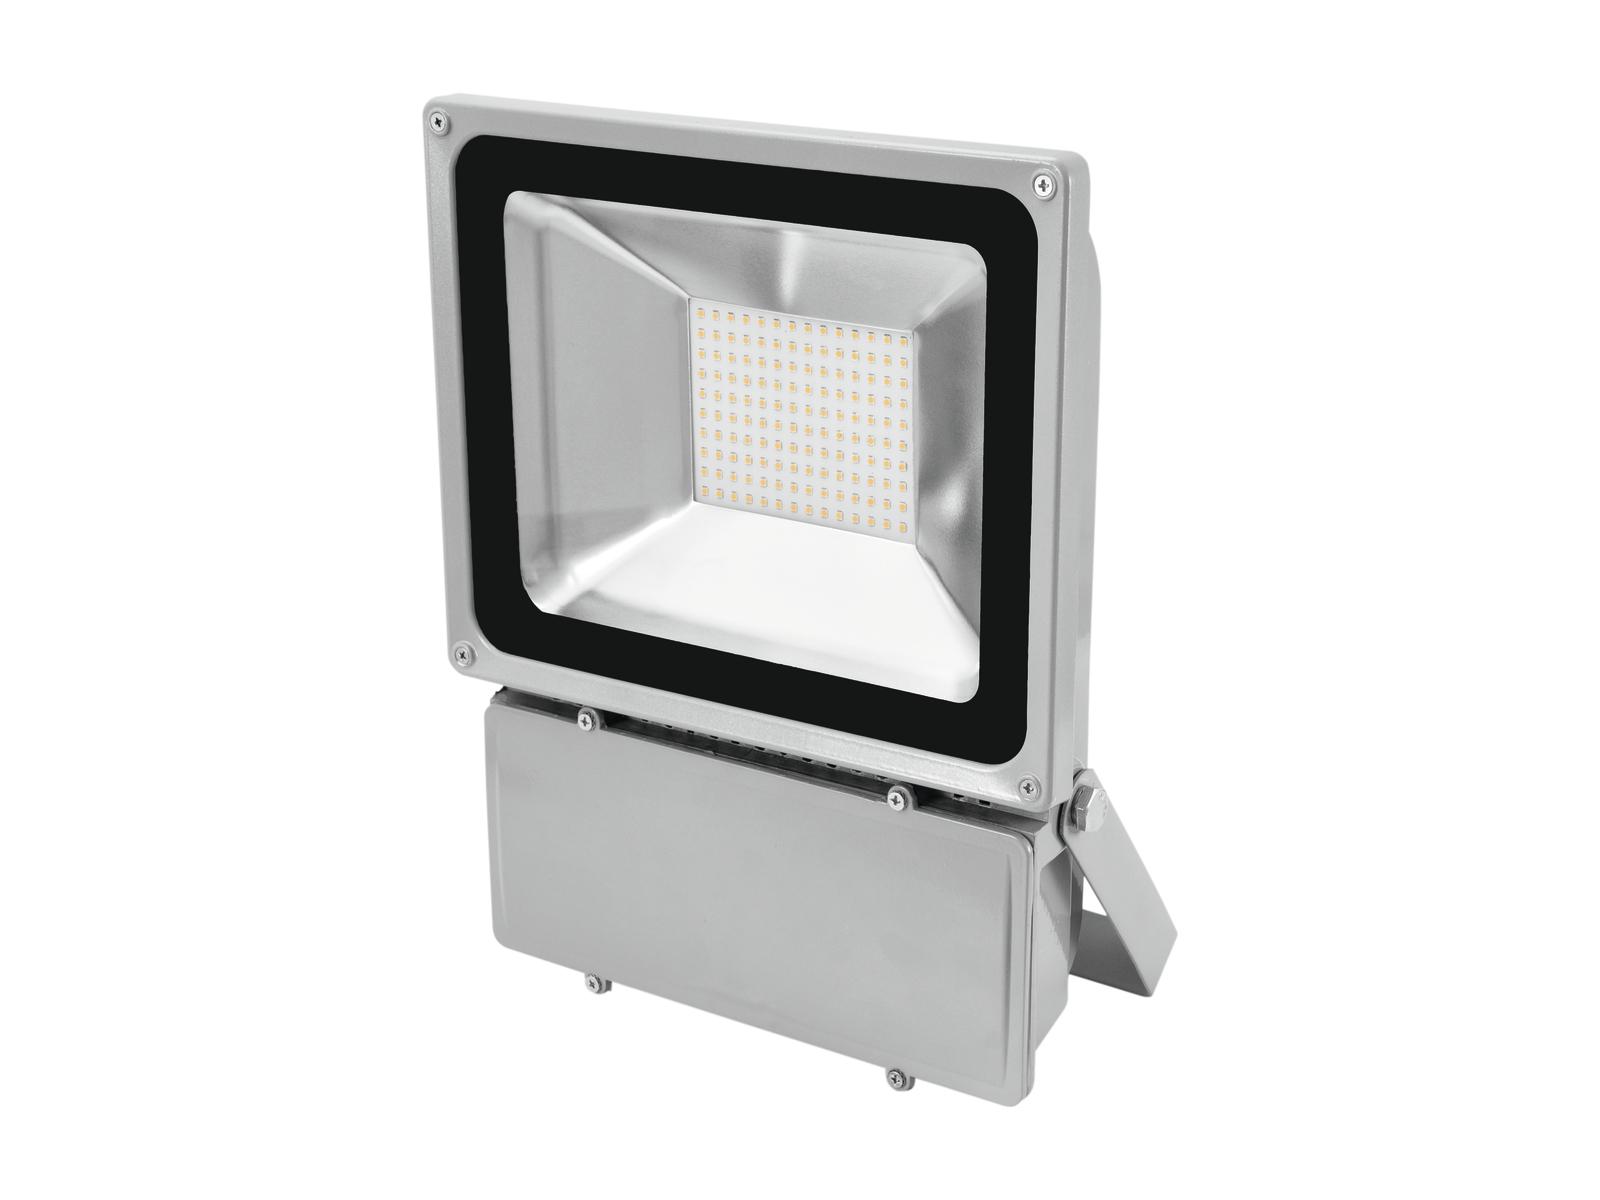 Eurolite LED reflektor IP FL-100 3000K